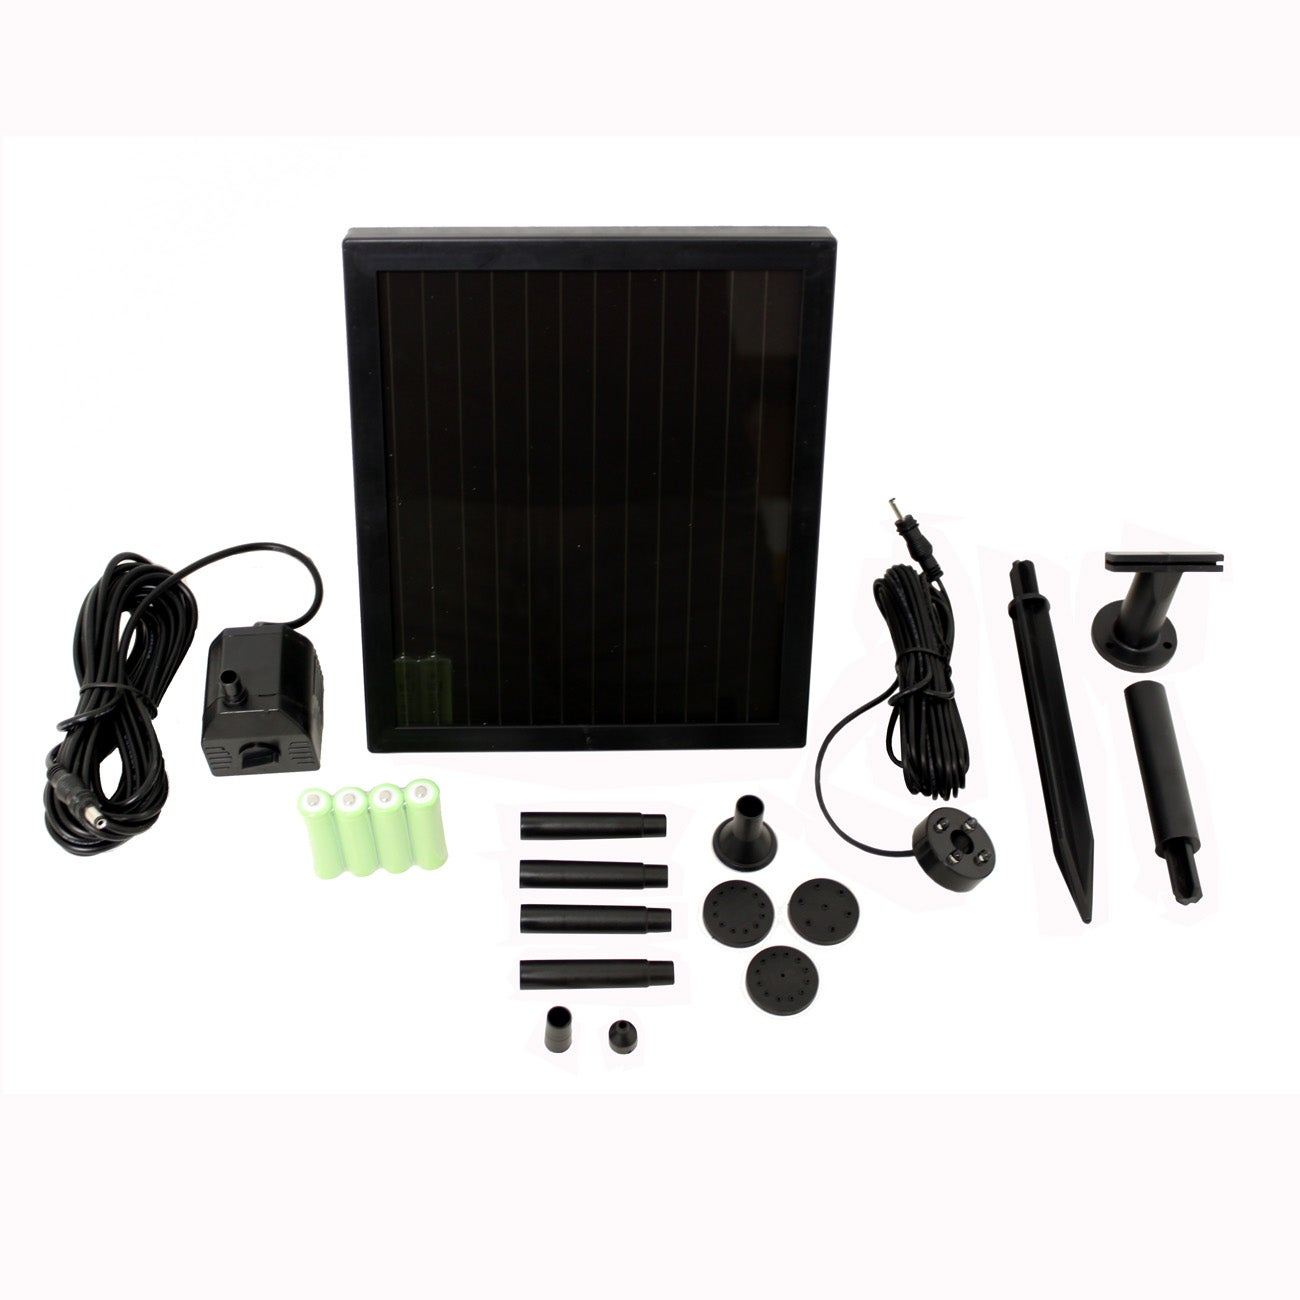 Smart Solar 1.4 Watt Solar Water Kit System (1.4 Watt), B...